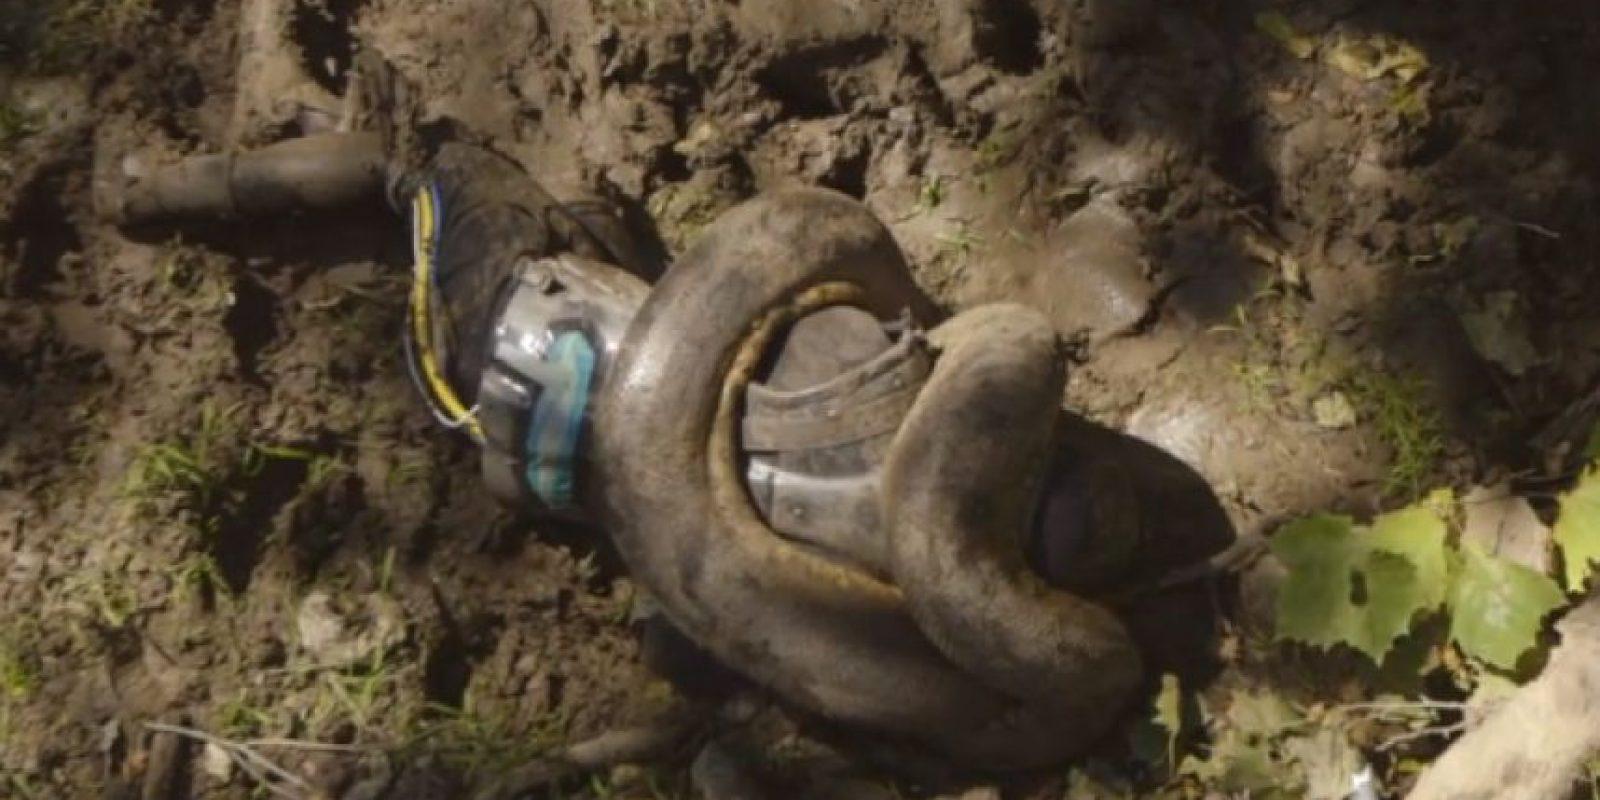 El investigador Paul Rosolie intentó ser devorado vivo por una anaconda, pero la serpiente no lo quiso comer Foto:Discovery